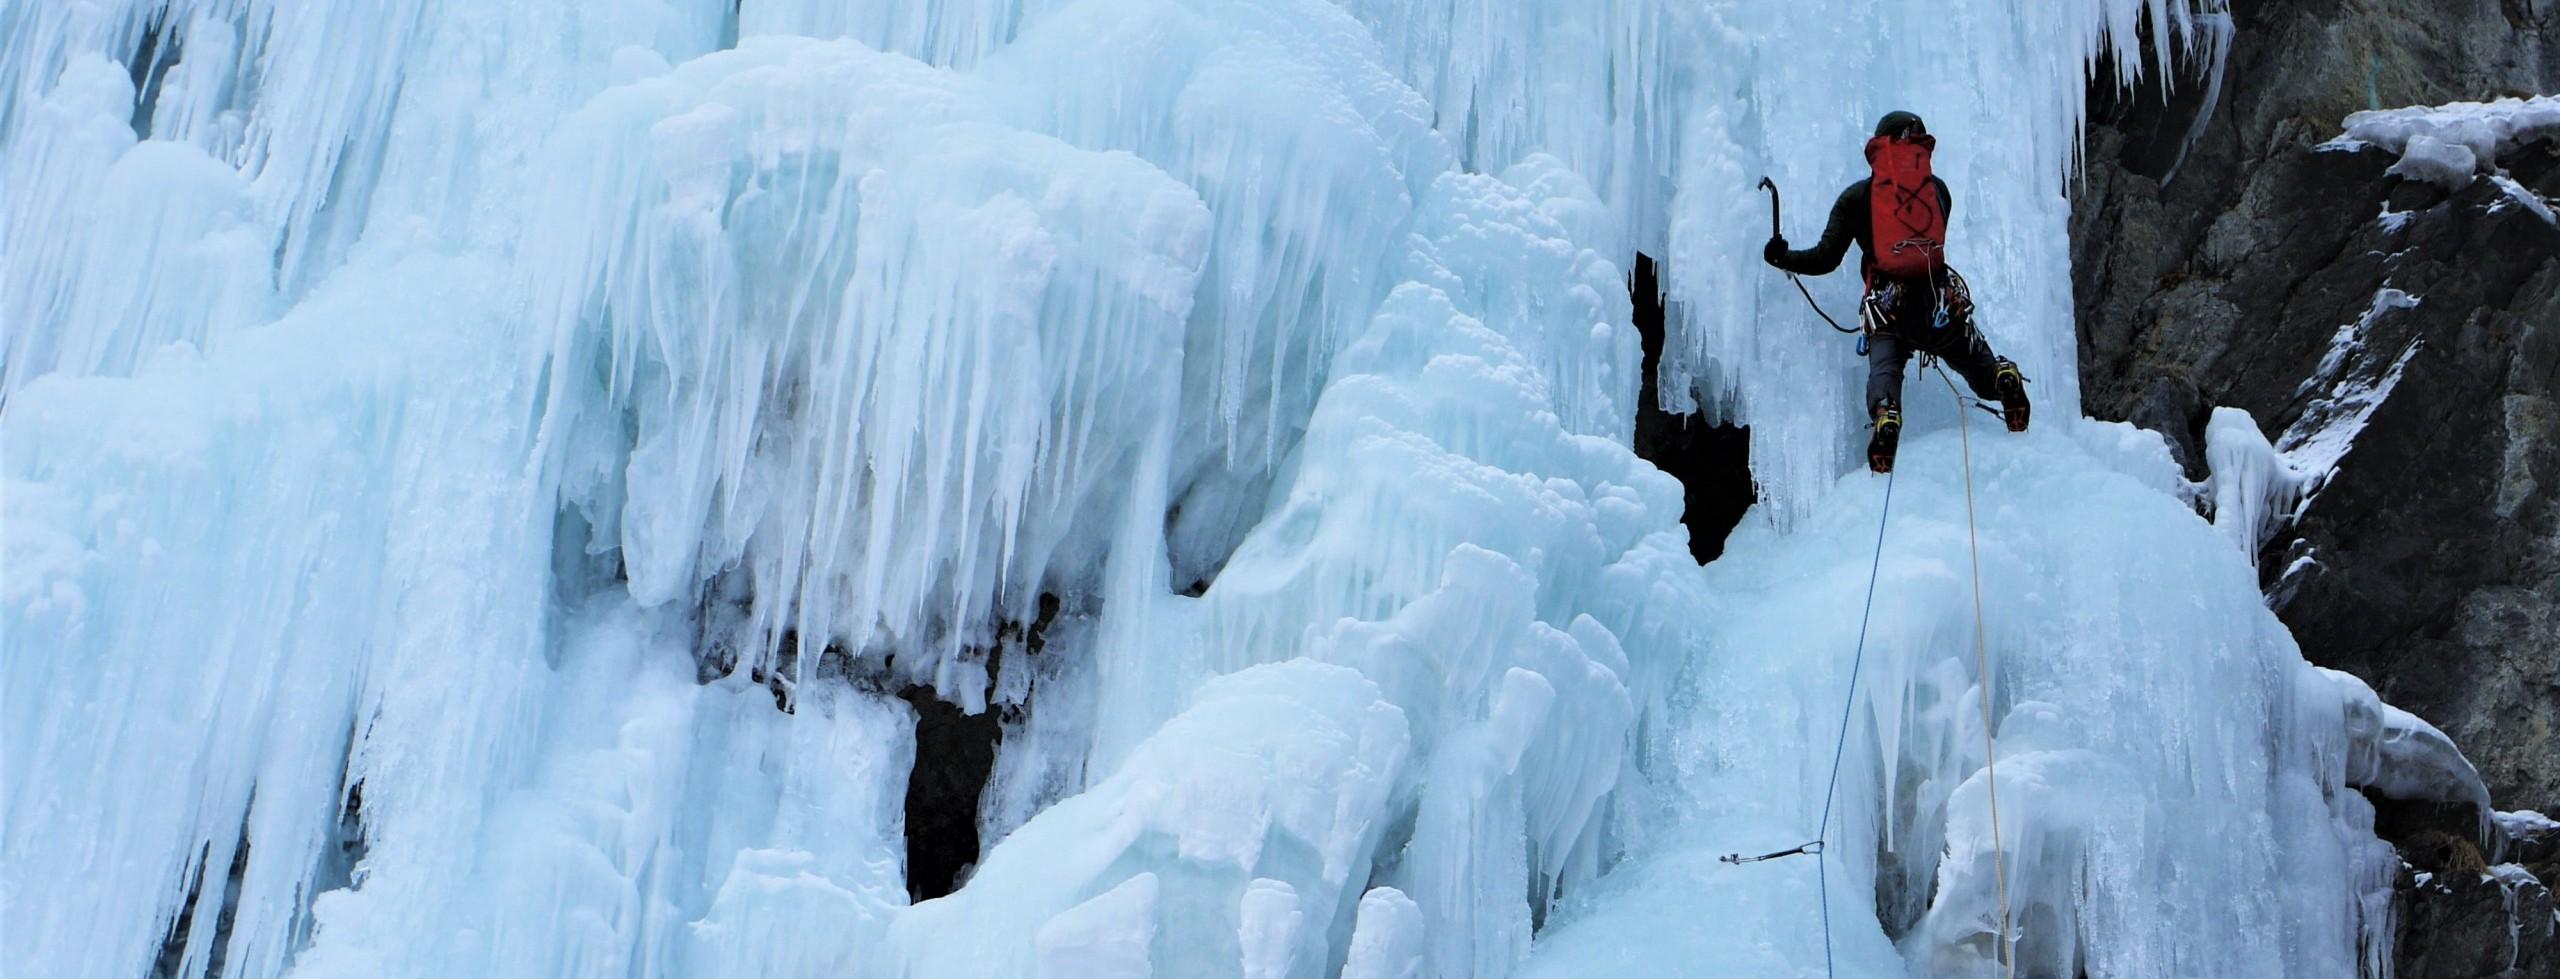 Cascade de glace dans le Queyras.